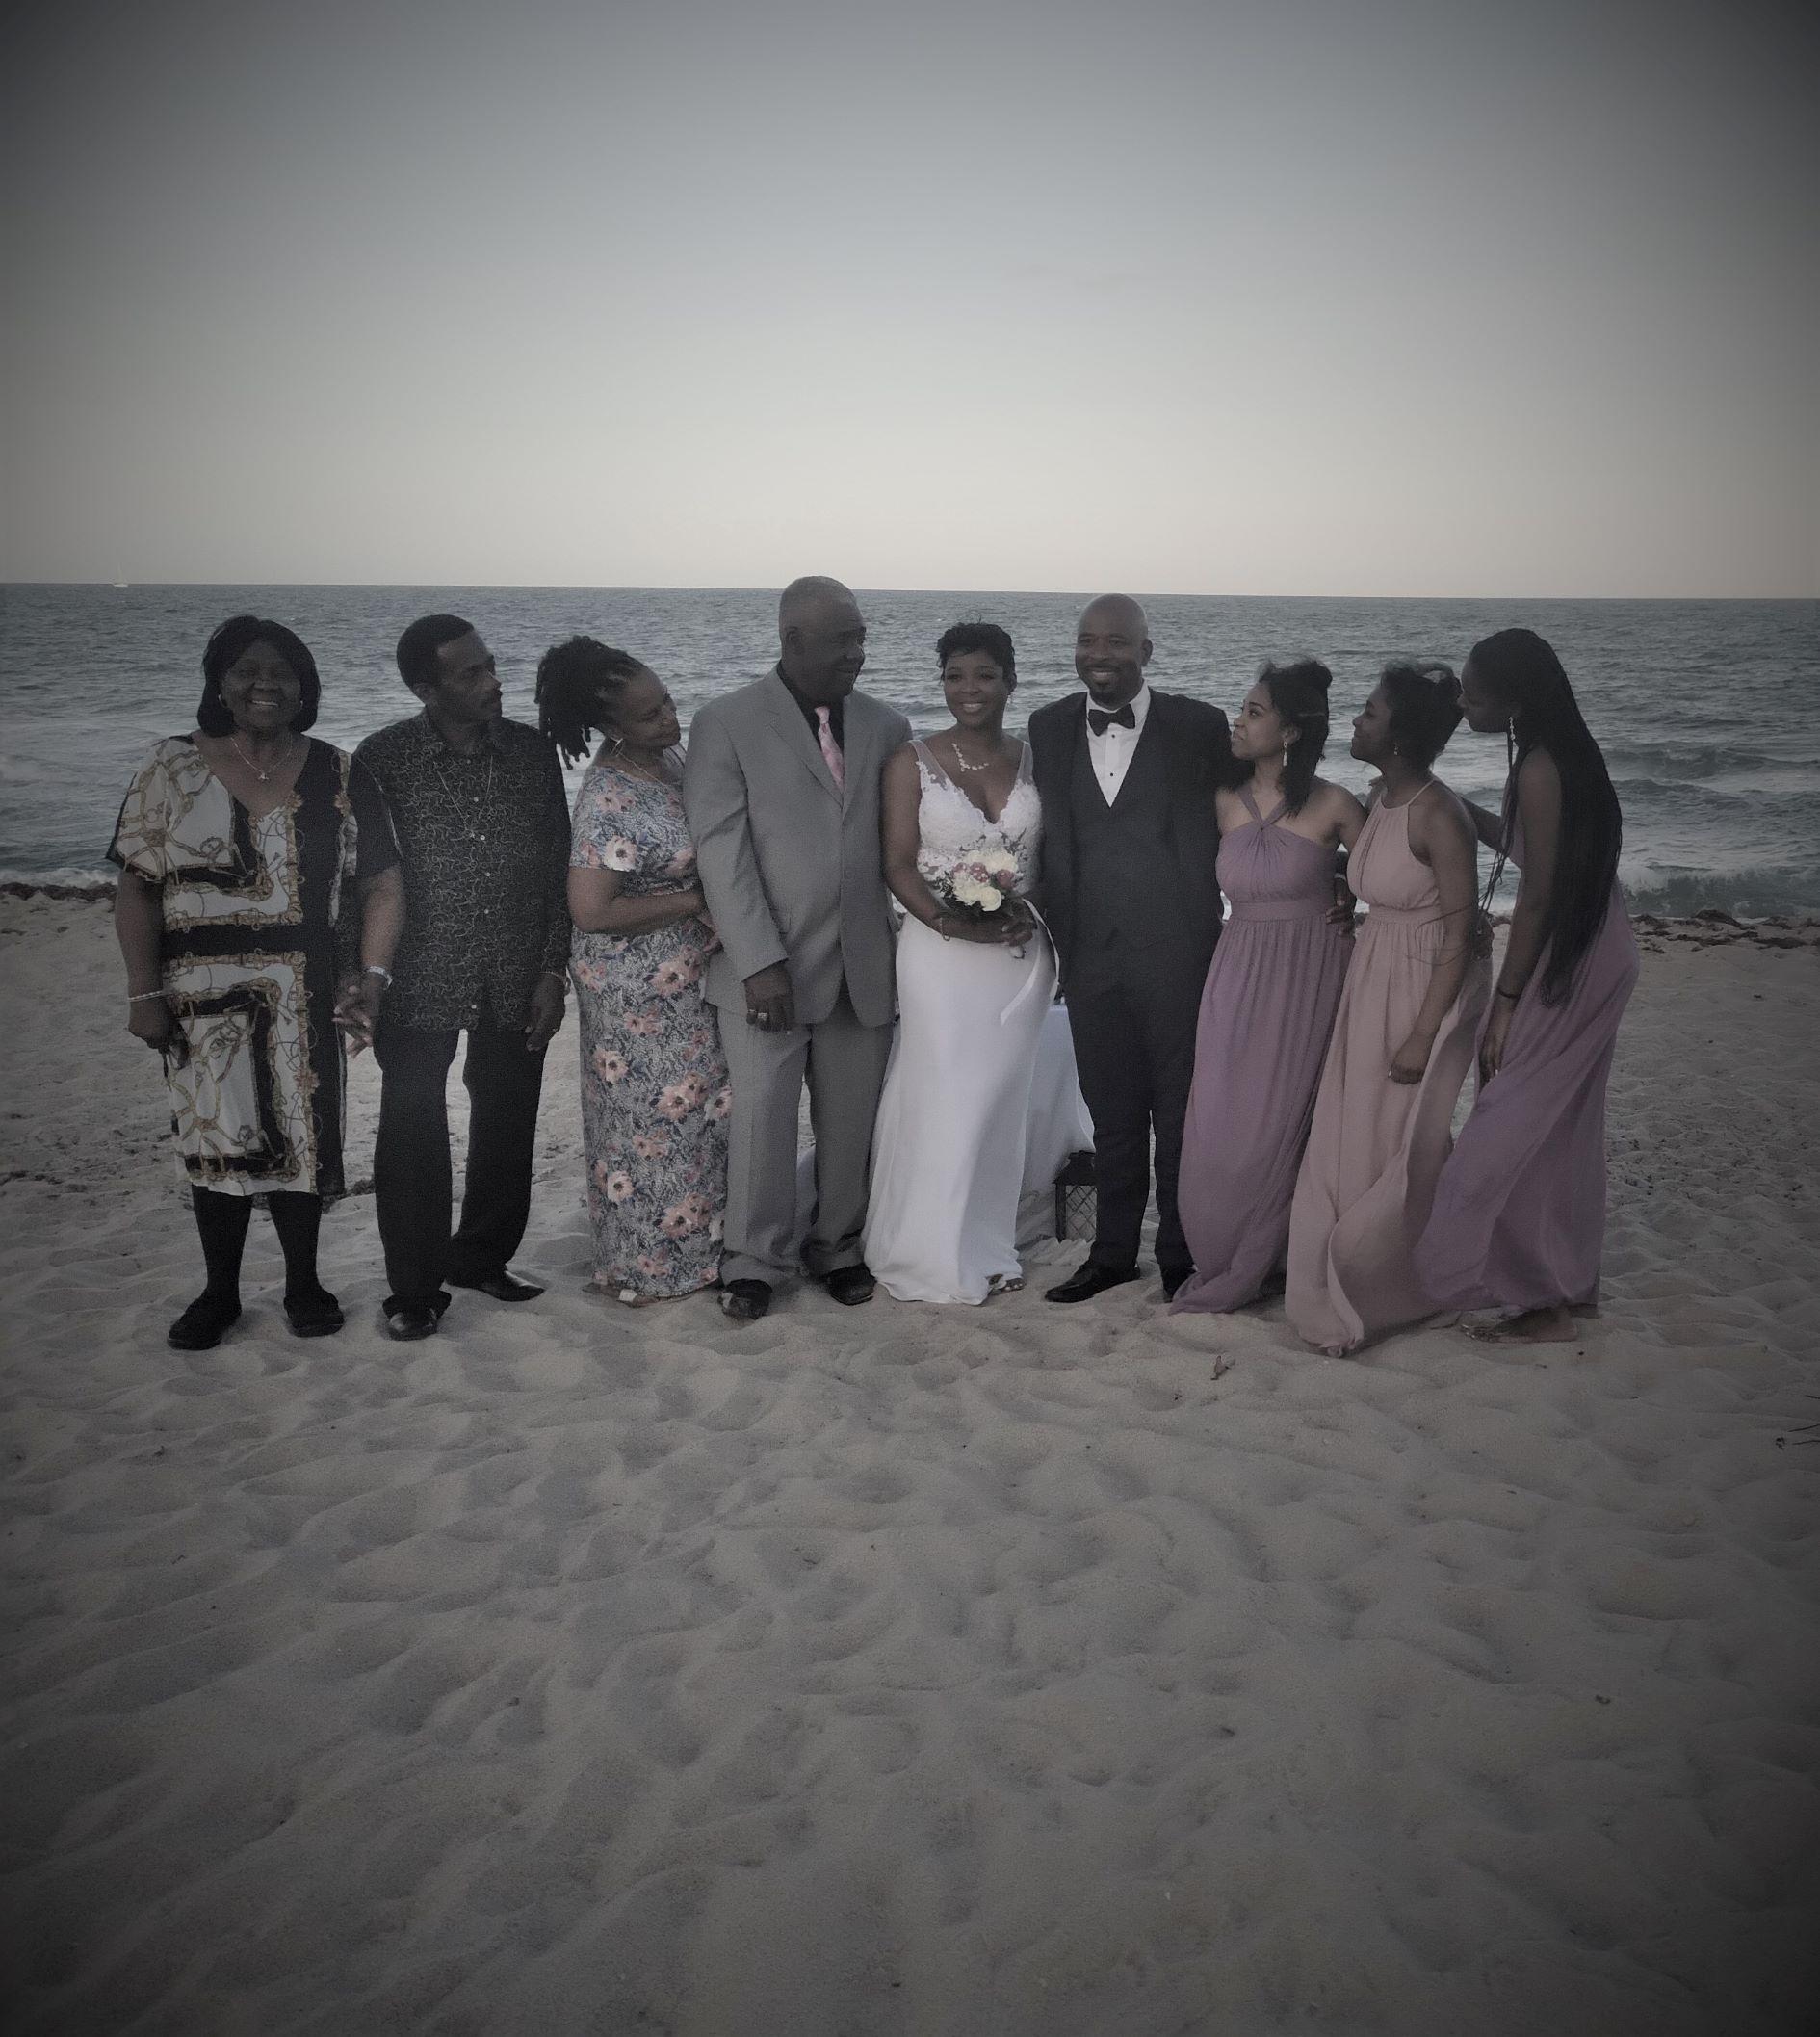 https://0201.nccdn.net/1_2/000/000/0c3/586/ftl-beach-ceremony-and-family.jpg